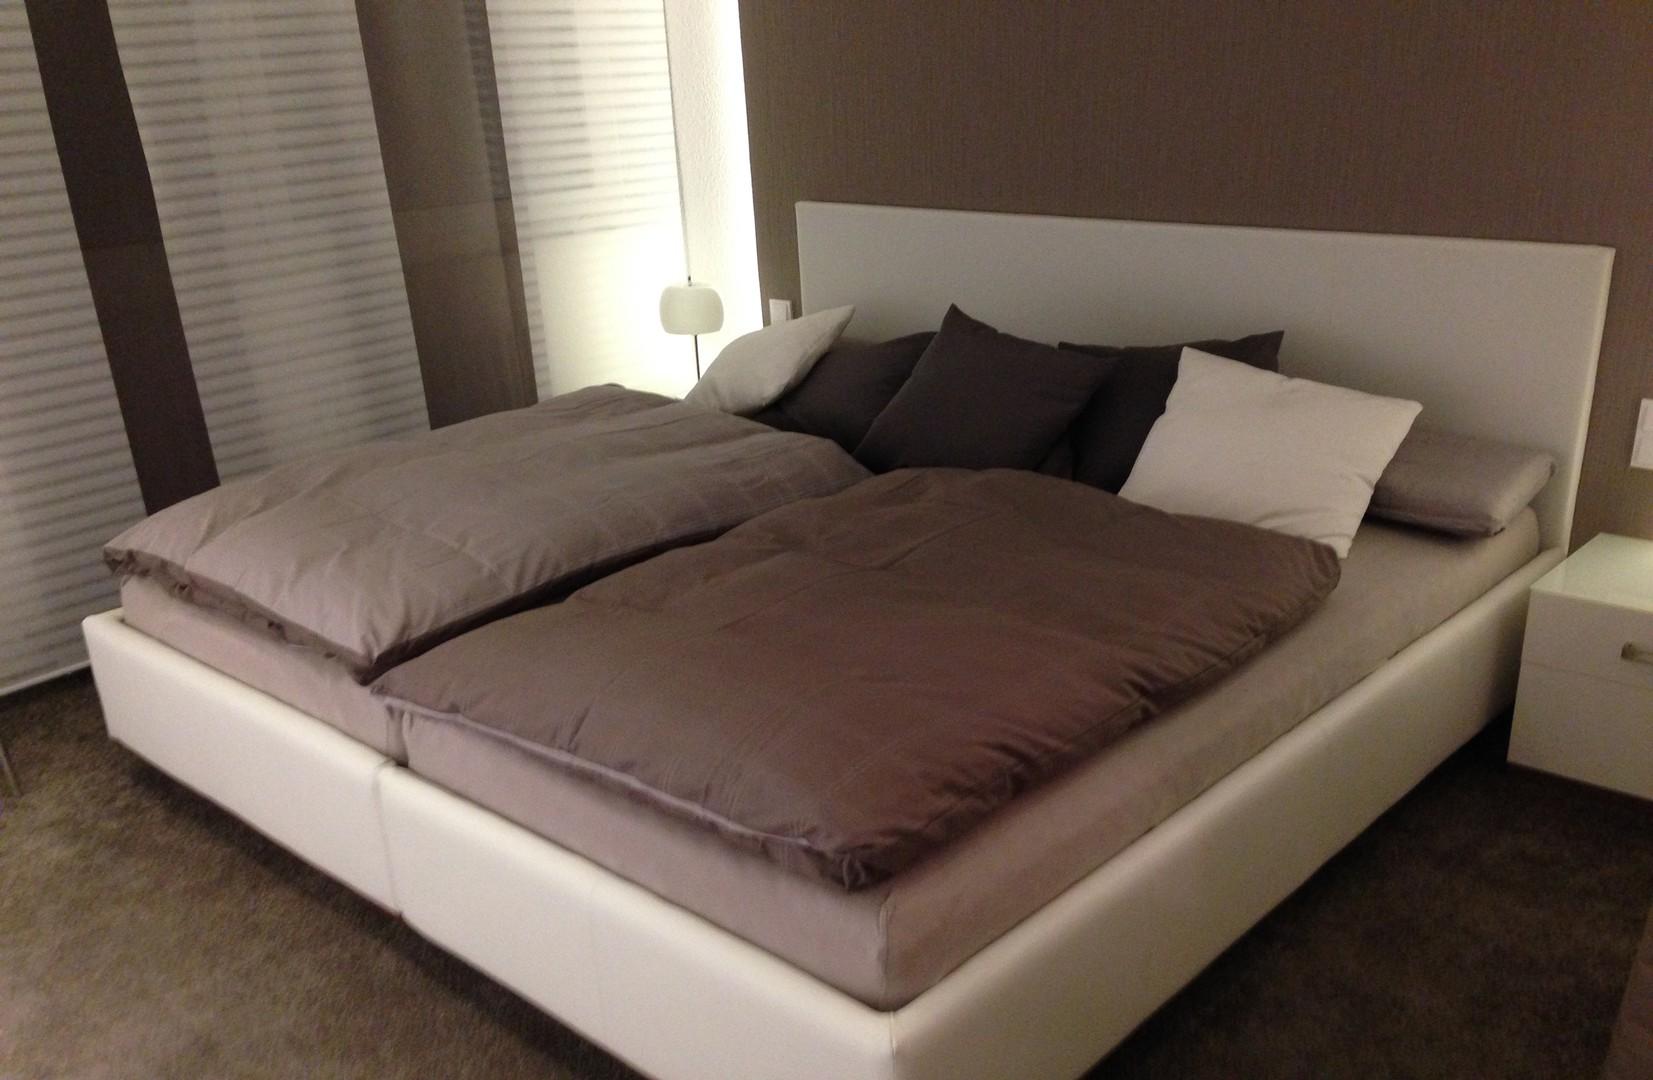 schlafzimmer dirk niemeier gmbh schreinerei innenausbau. Black Bedroom Furniture Sets. Home Design Ideas